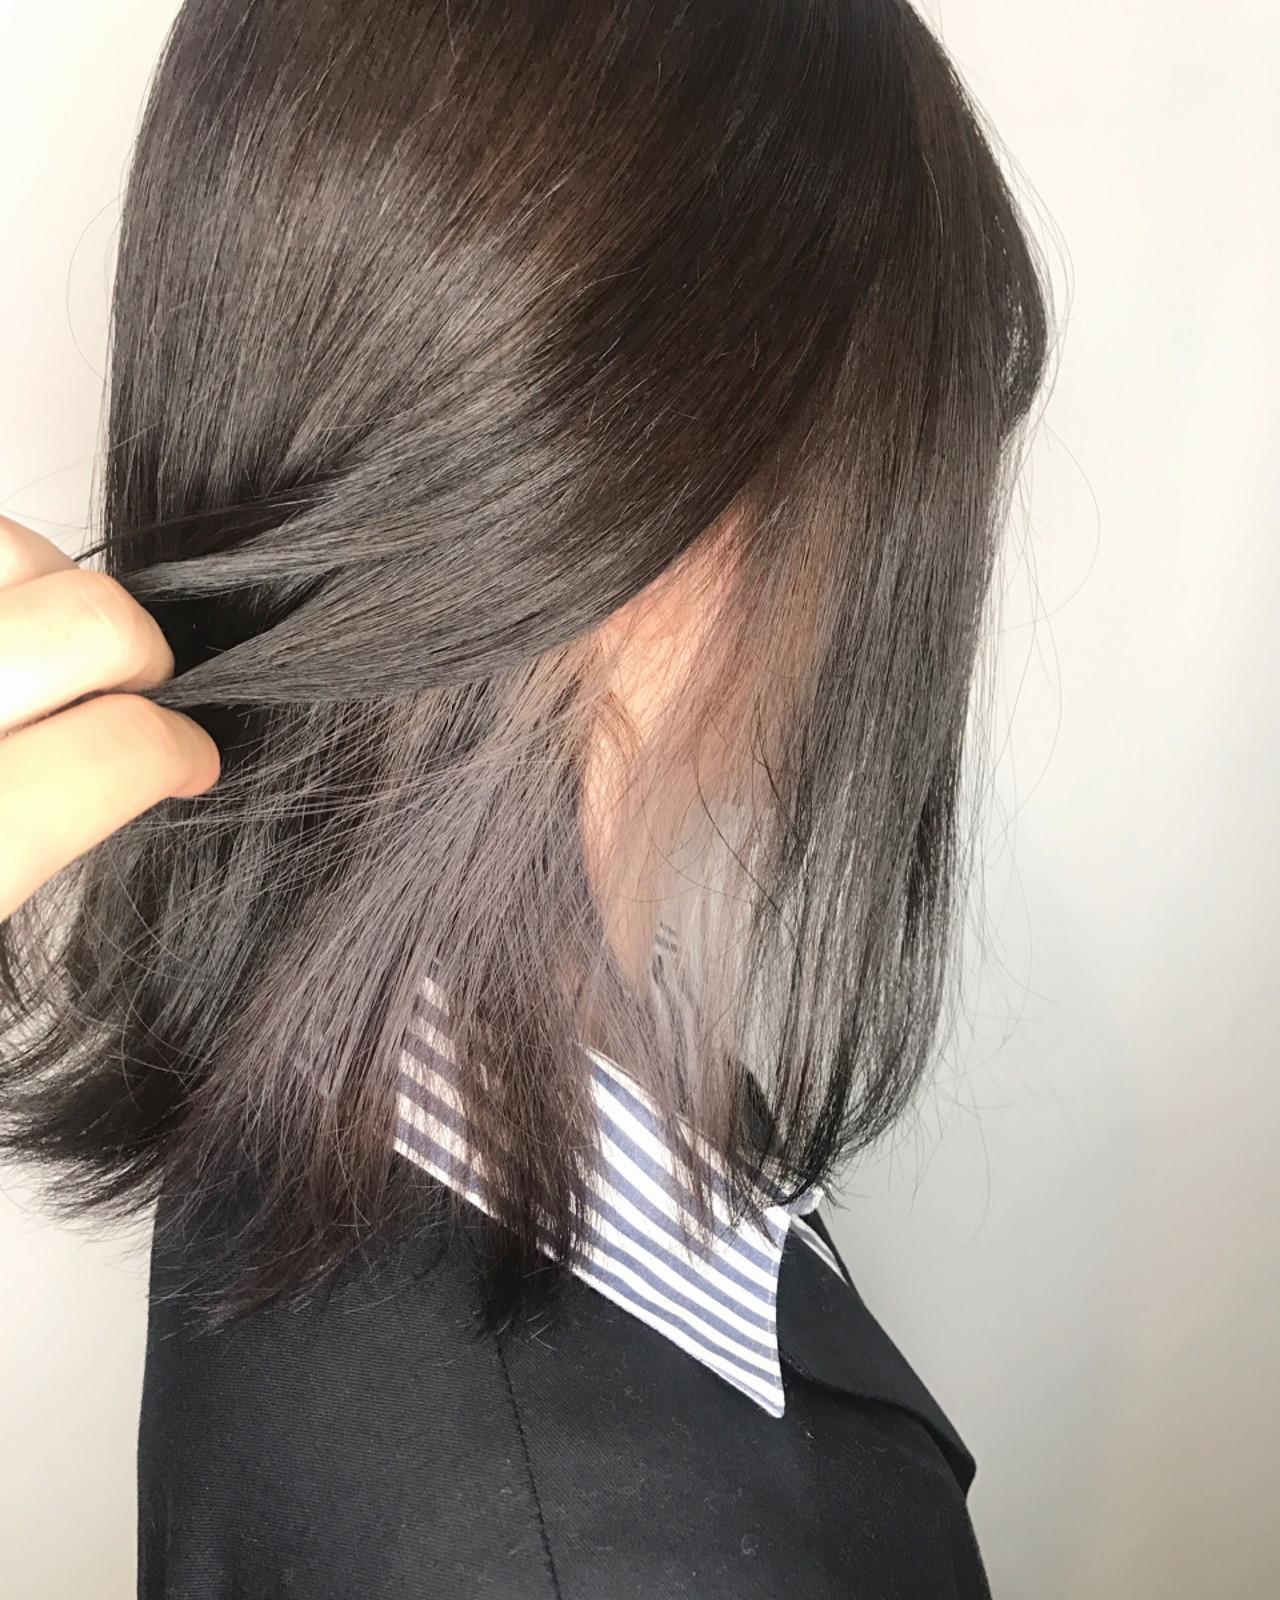 インナーカラーホワイト インナーカラーグレージュ インナーカラーグレー バレイヤージュ ヘアスタイルや髪型の写真・画像